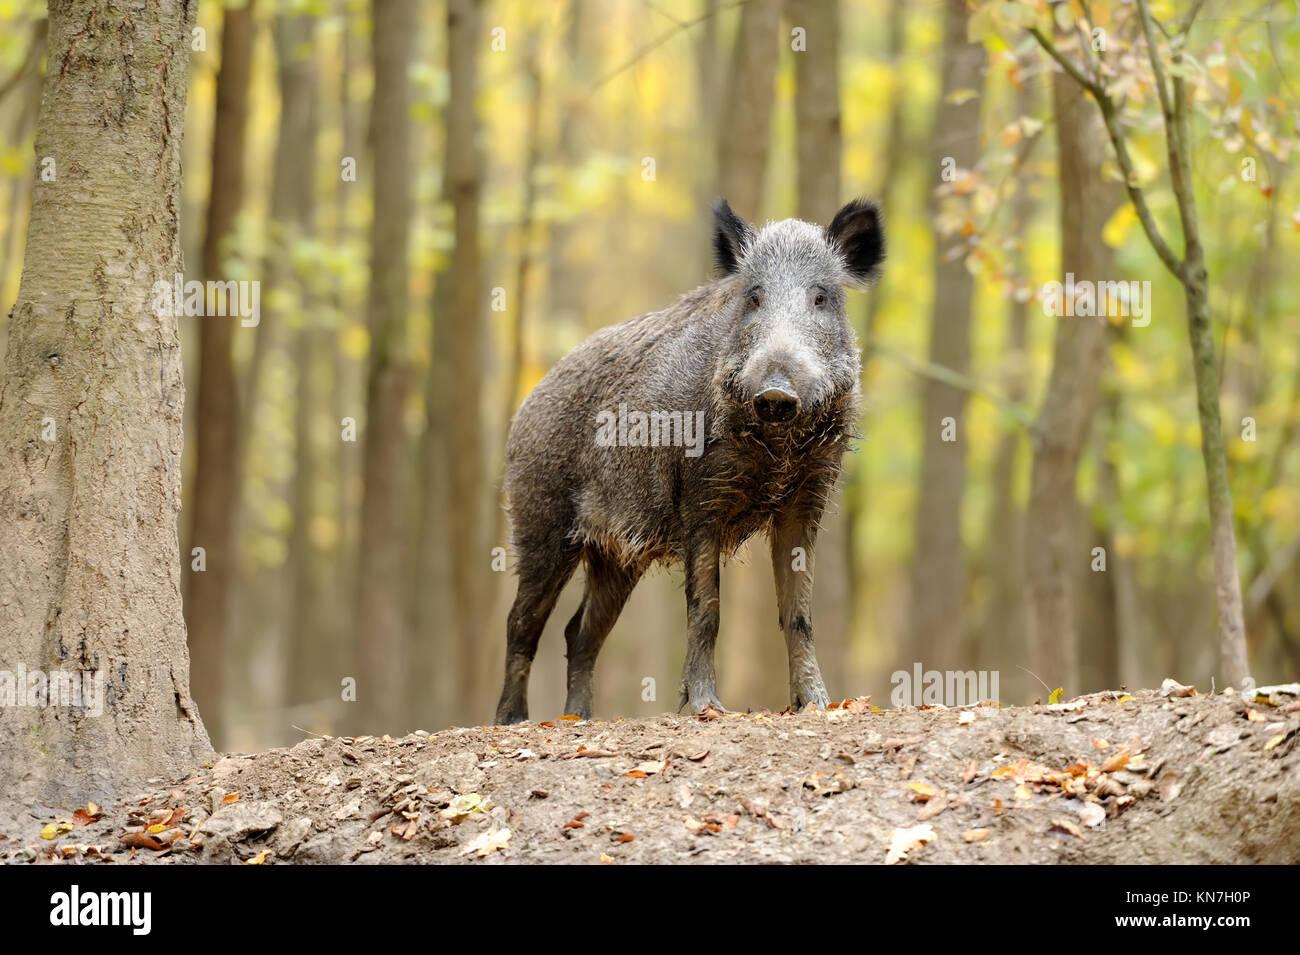 Wild Boar Attack Stock Photos & Wild Boar Attack Stock